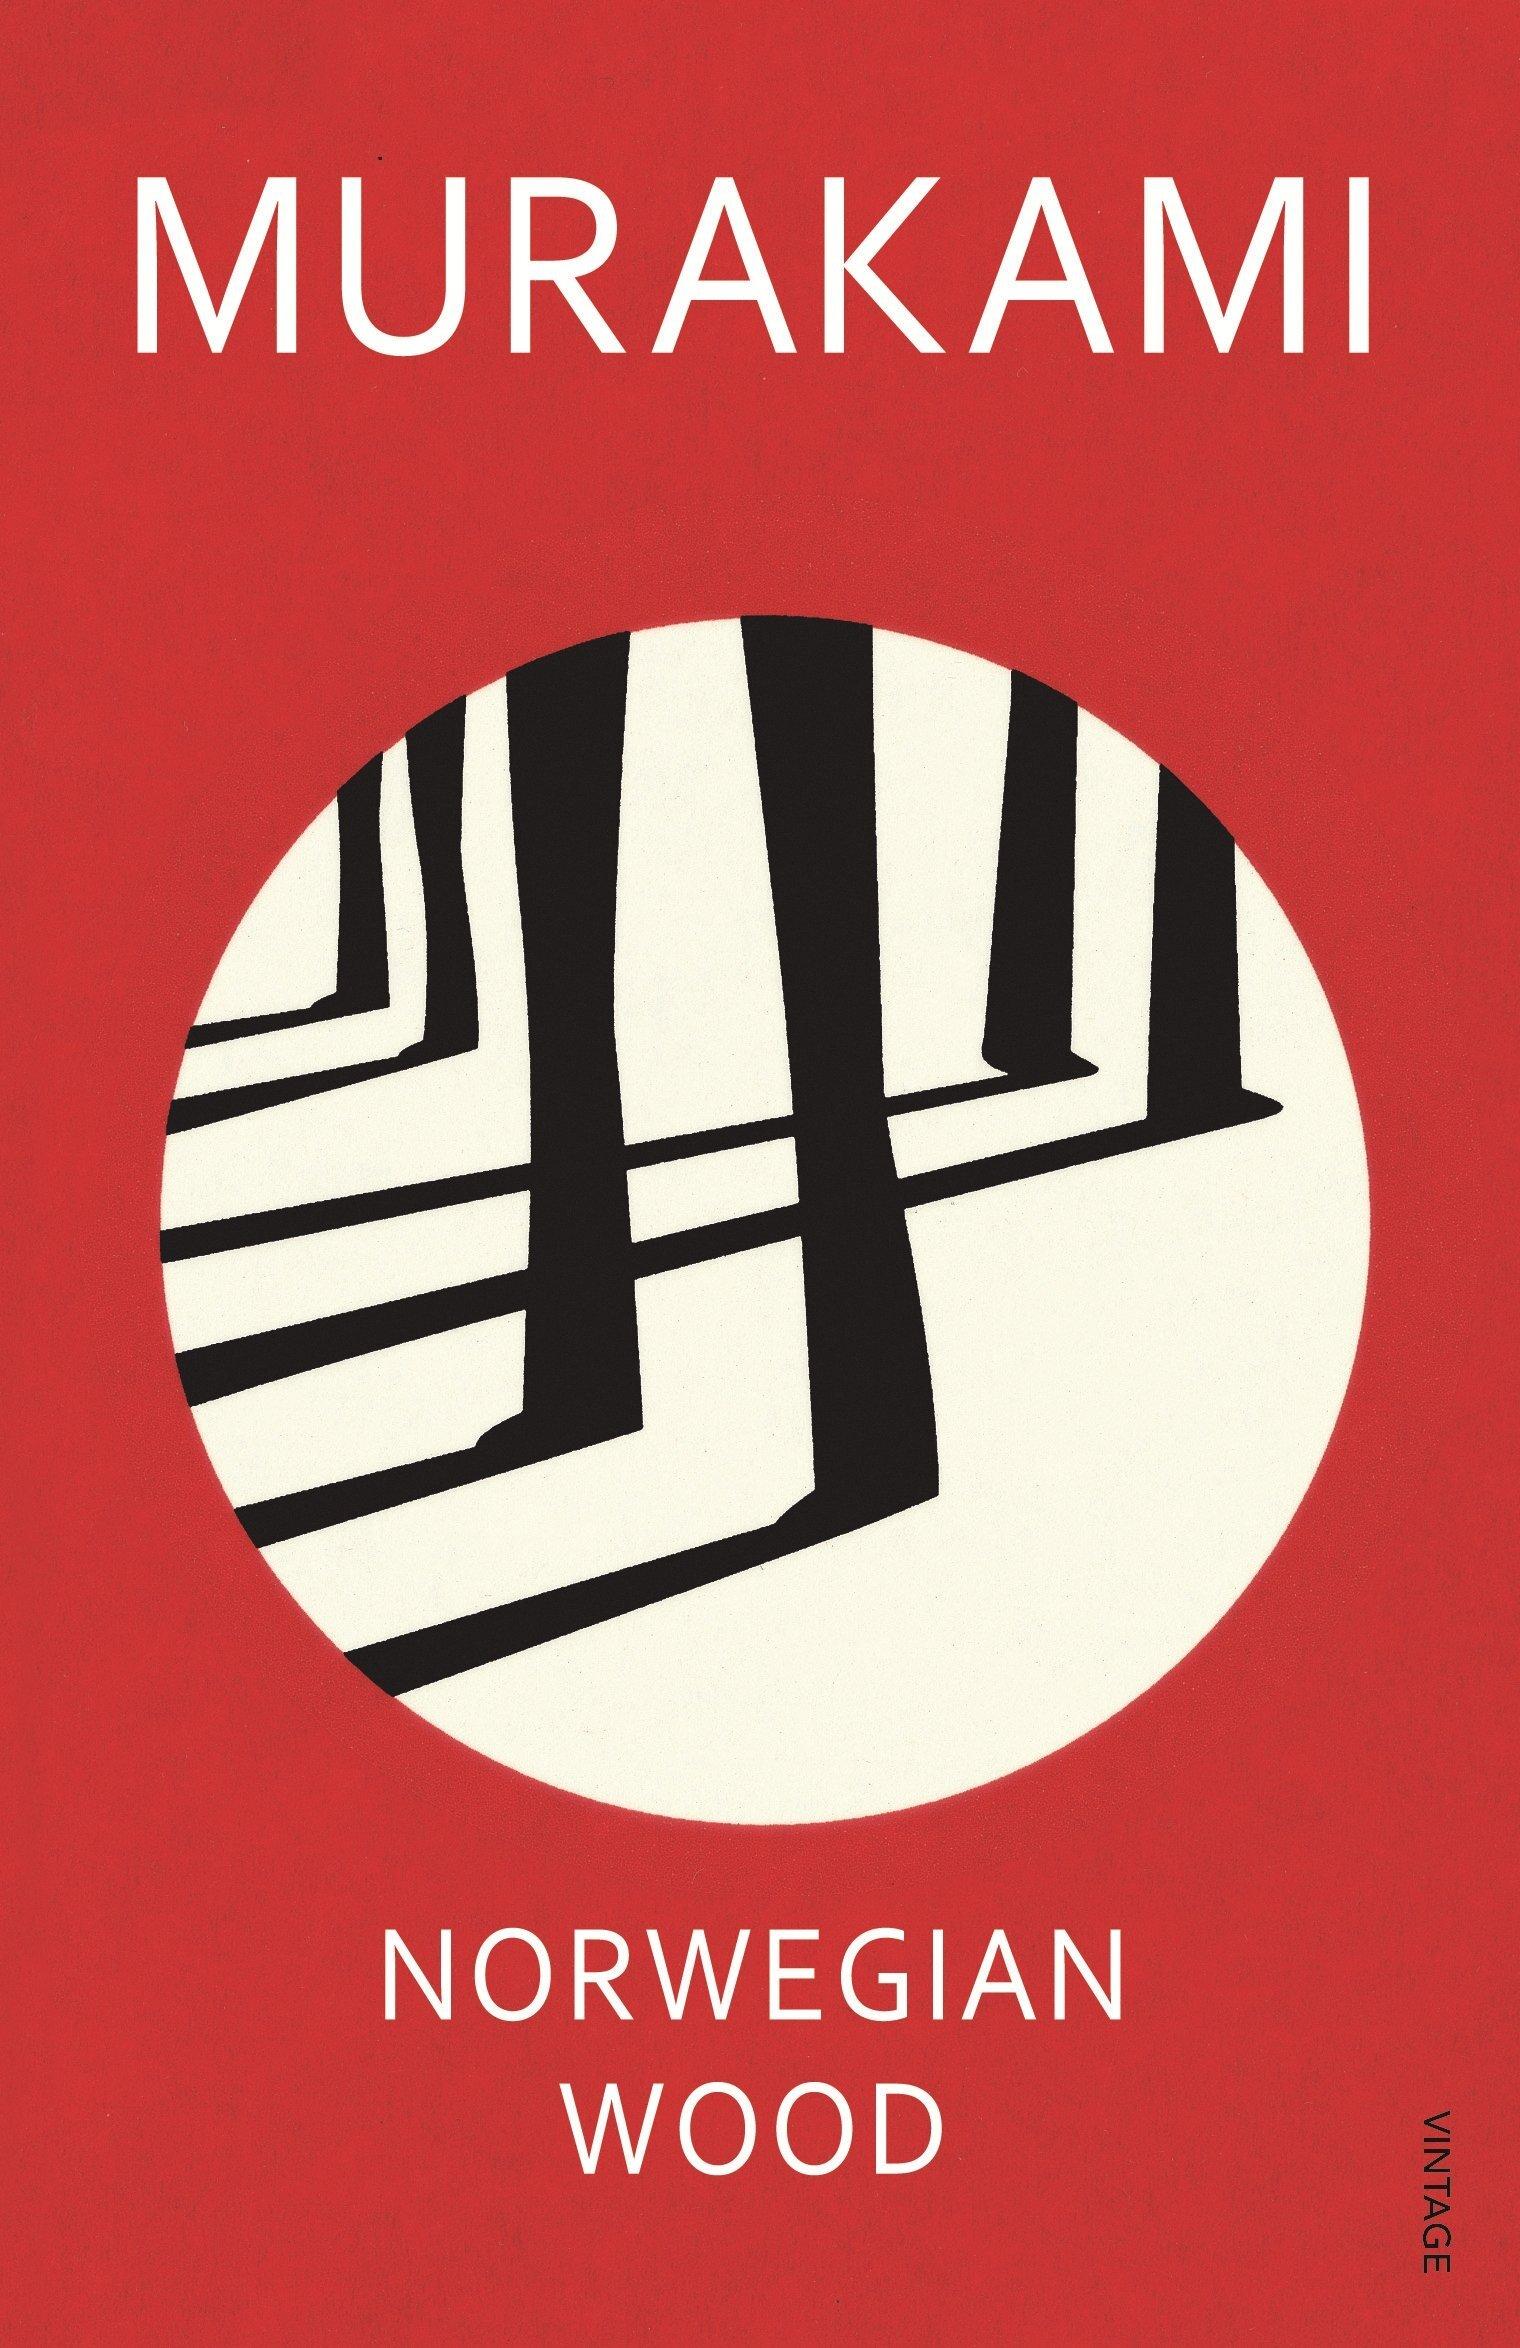 Norwegian wood book cover